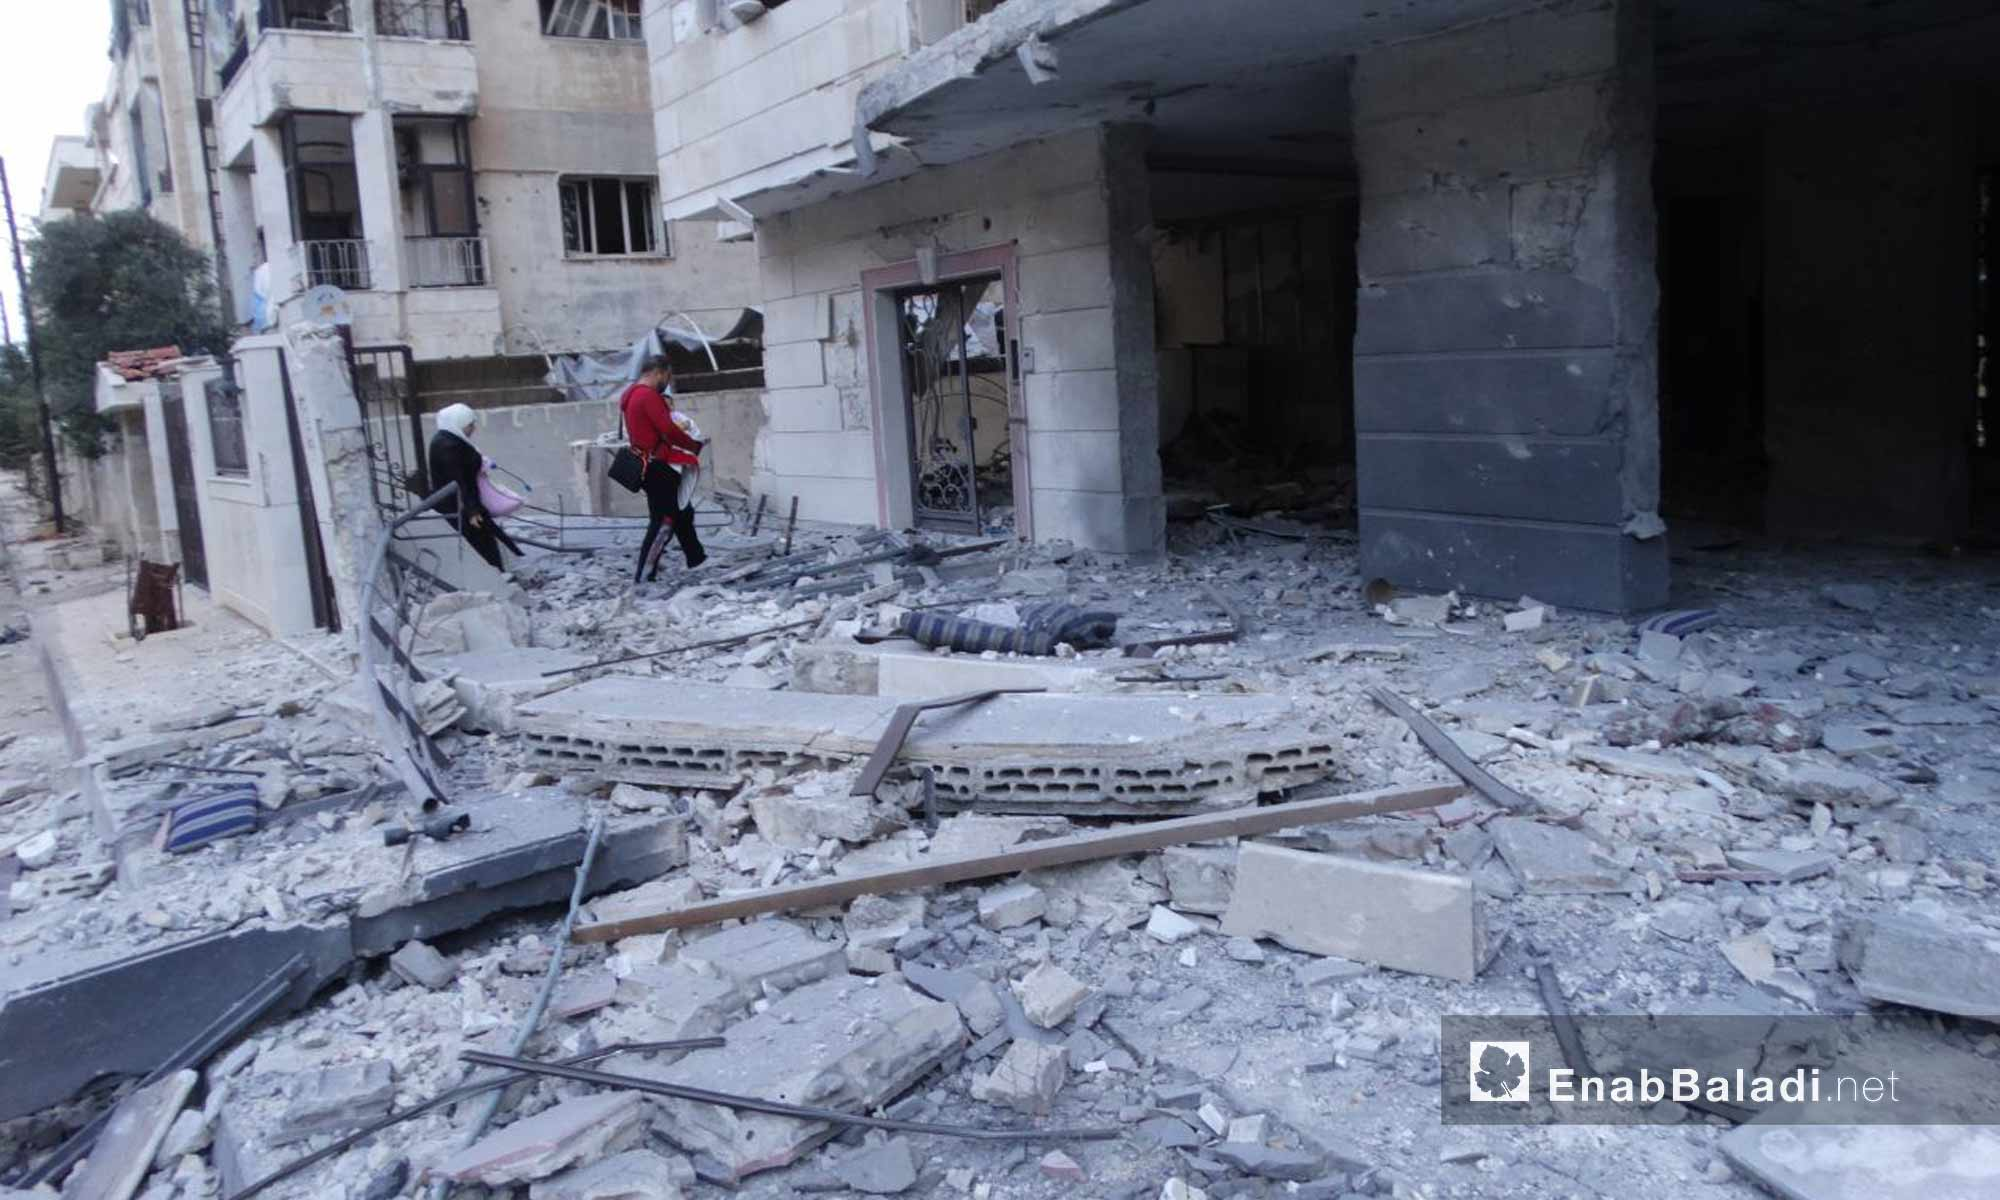 أهالي حي الوعر في حمص يعودون إلى منازلهم بعد استهدافها من قبل قوات الأسد - 16 تشرين الثاني 2016 (عنب بلدي)